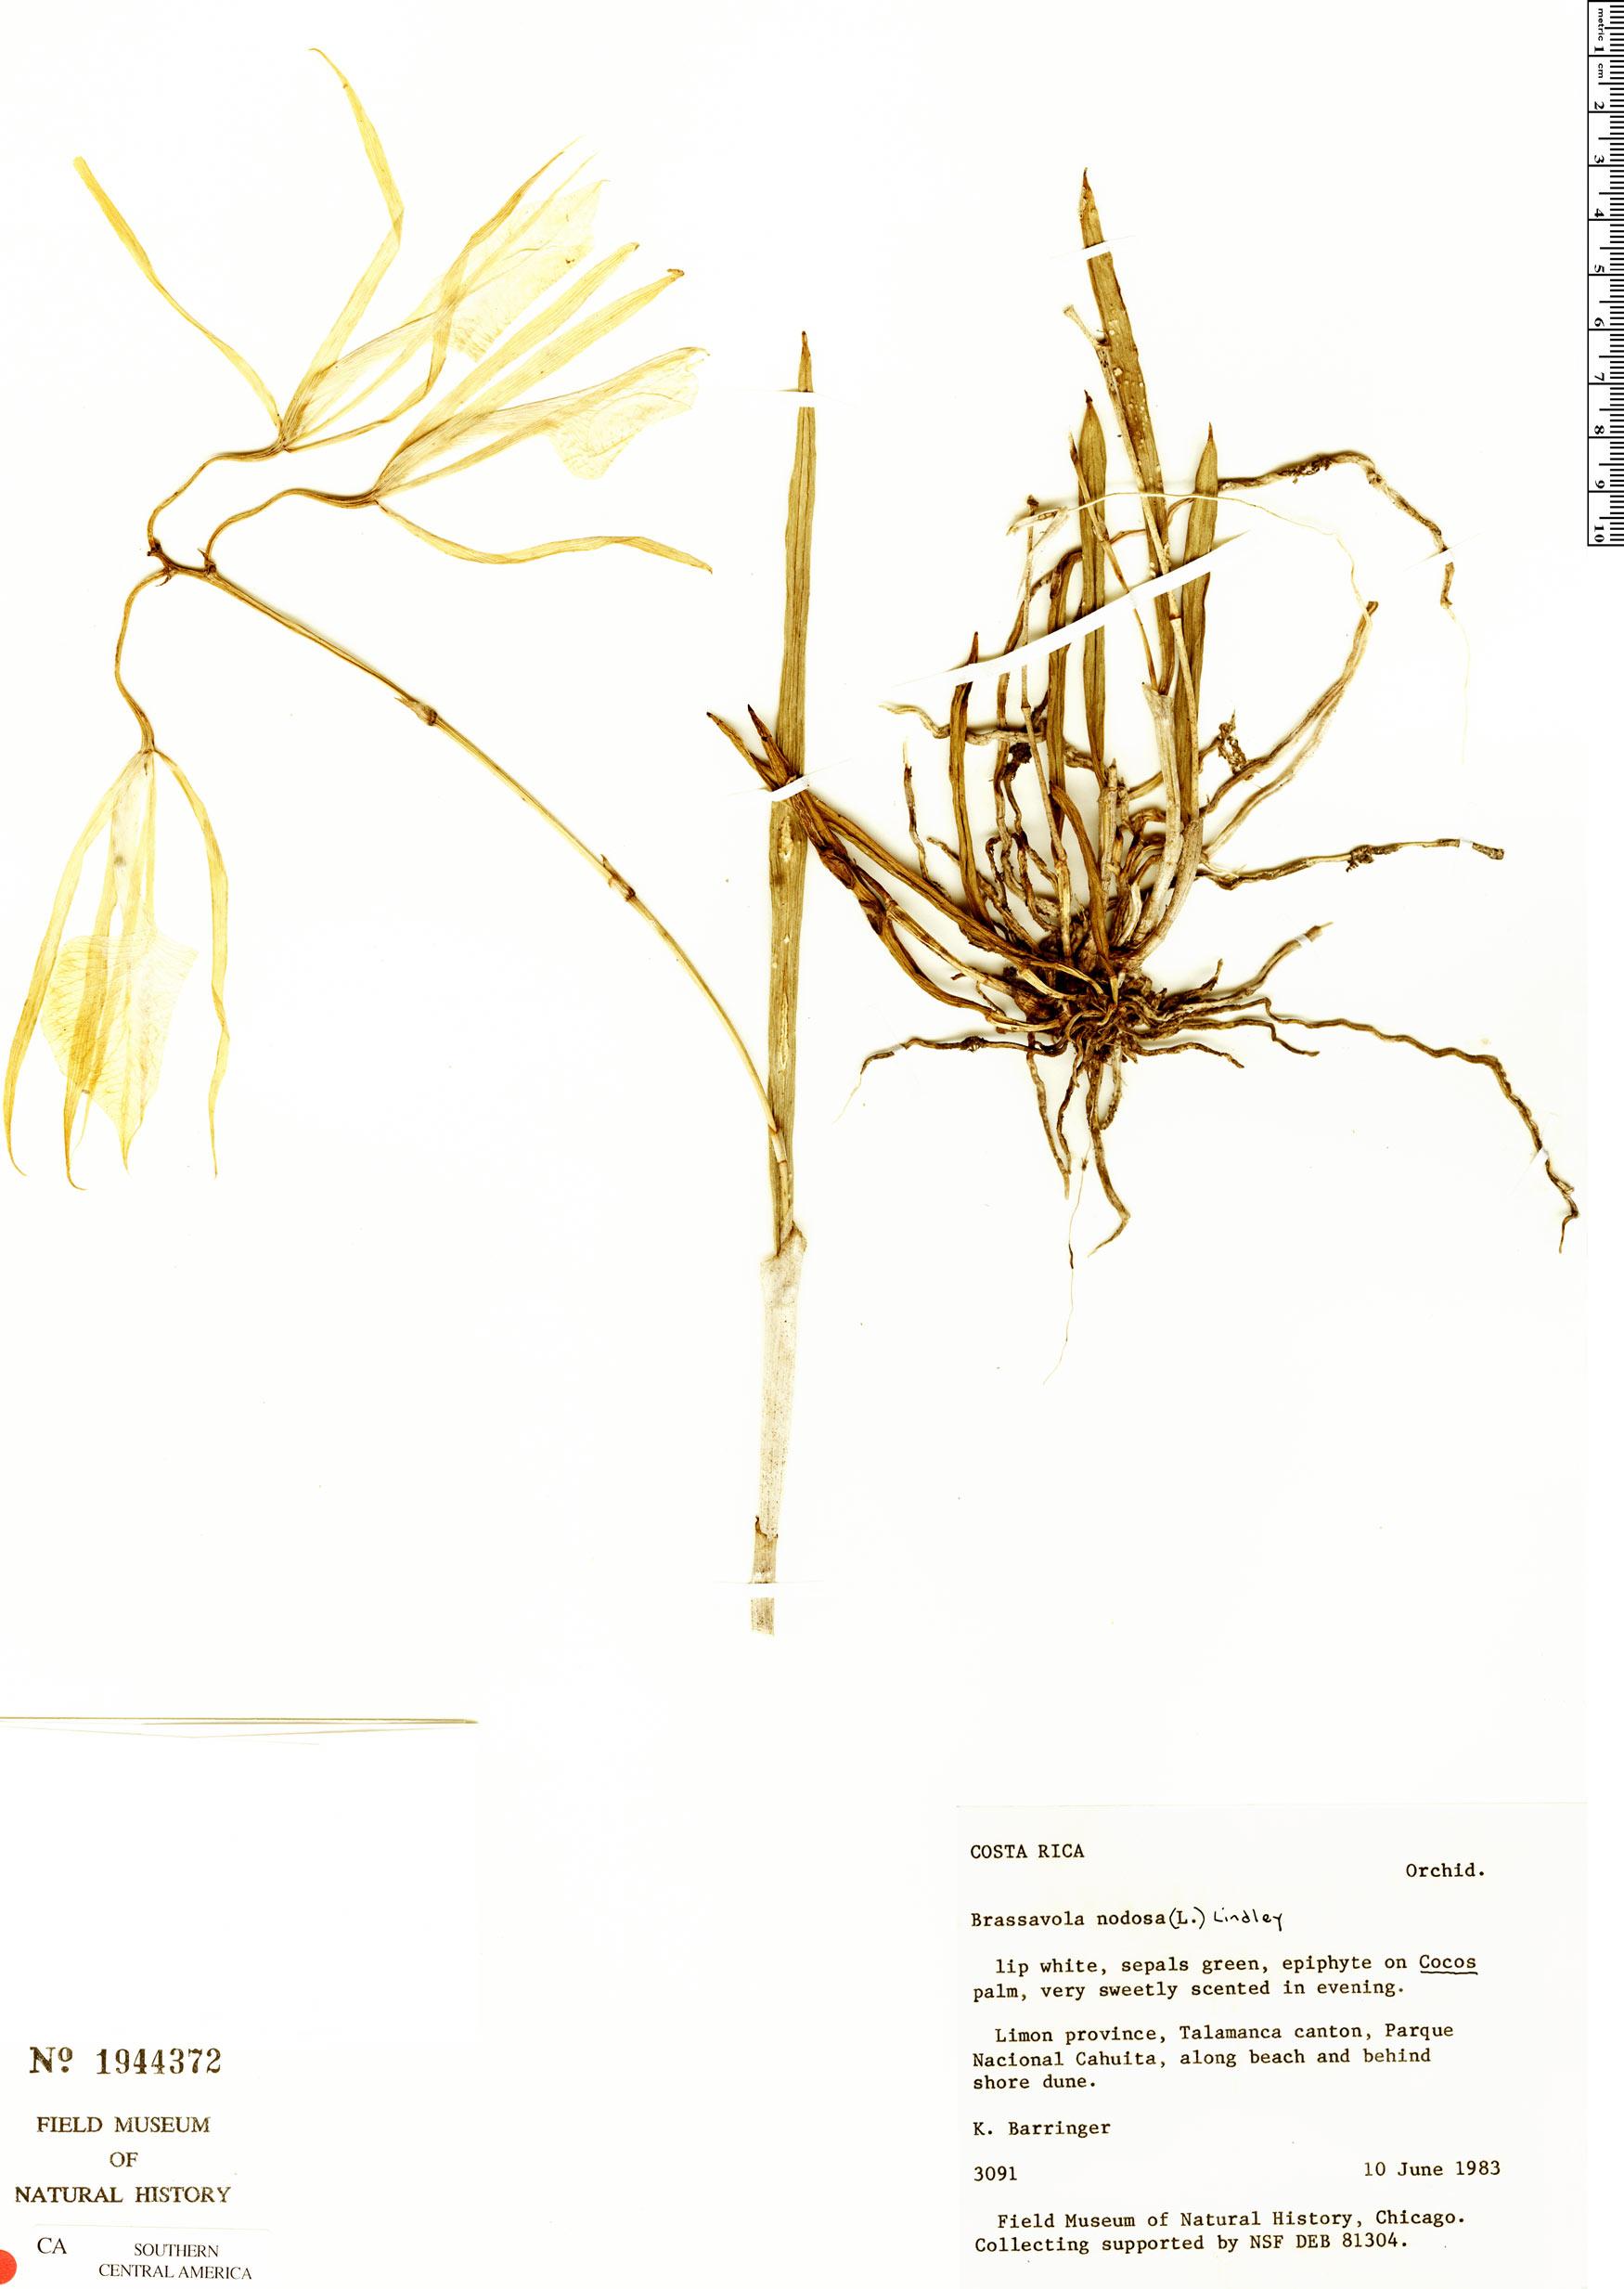 Specimen: Brassavola nodosa